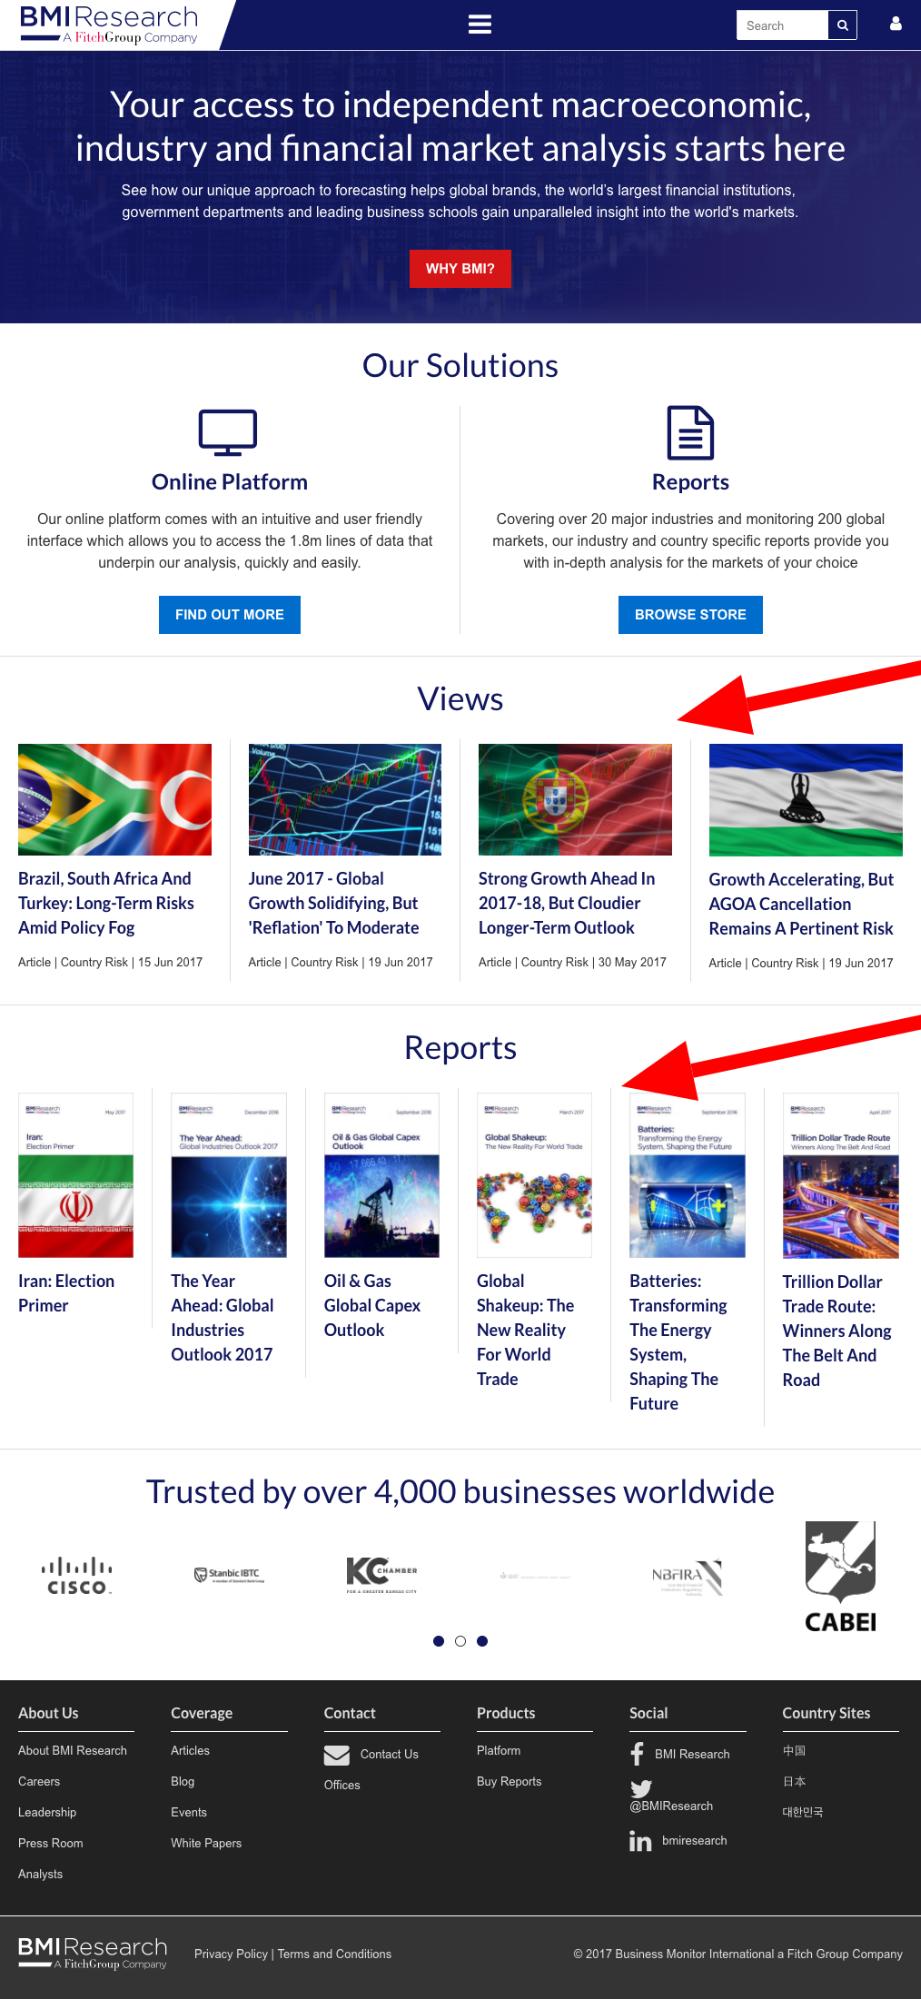 جدیدترین گزارش های تحلیلی صنایع و بازارهای ایران دانلود گزارشهای BMI Research از ایران جدیدترین گزارشهای پیشبینی بیزنس مانیتور از صنایع مختلف ایران